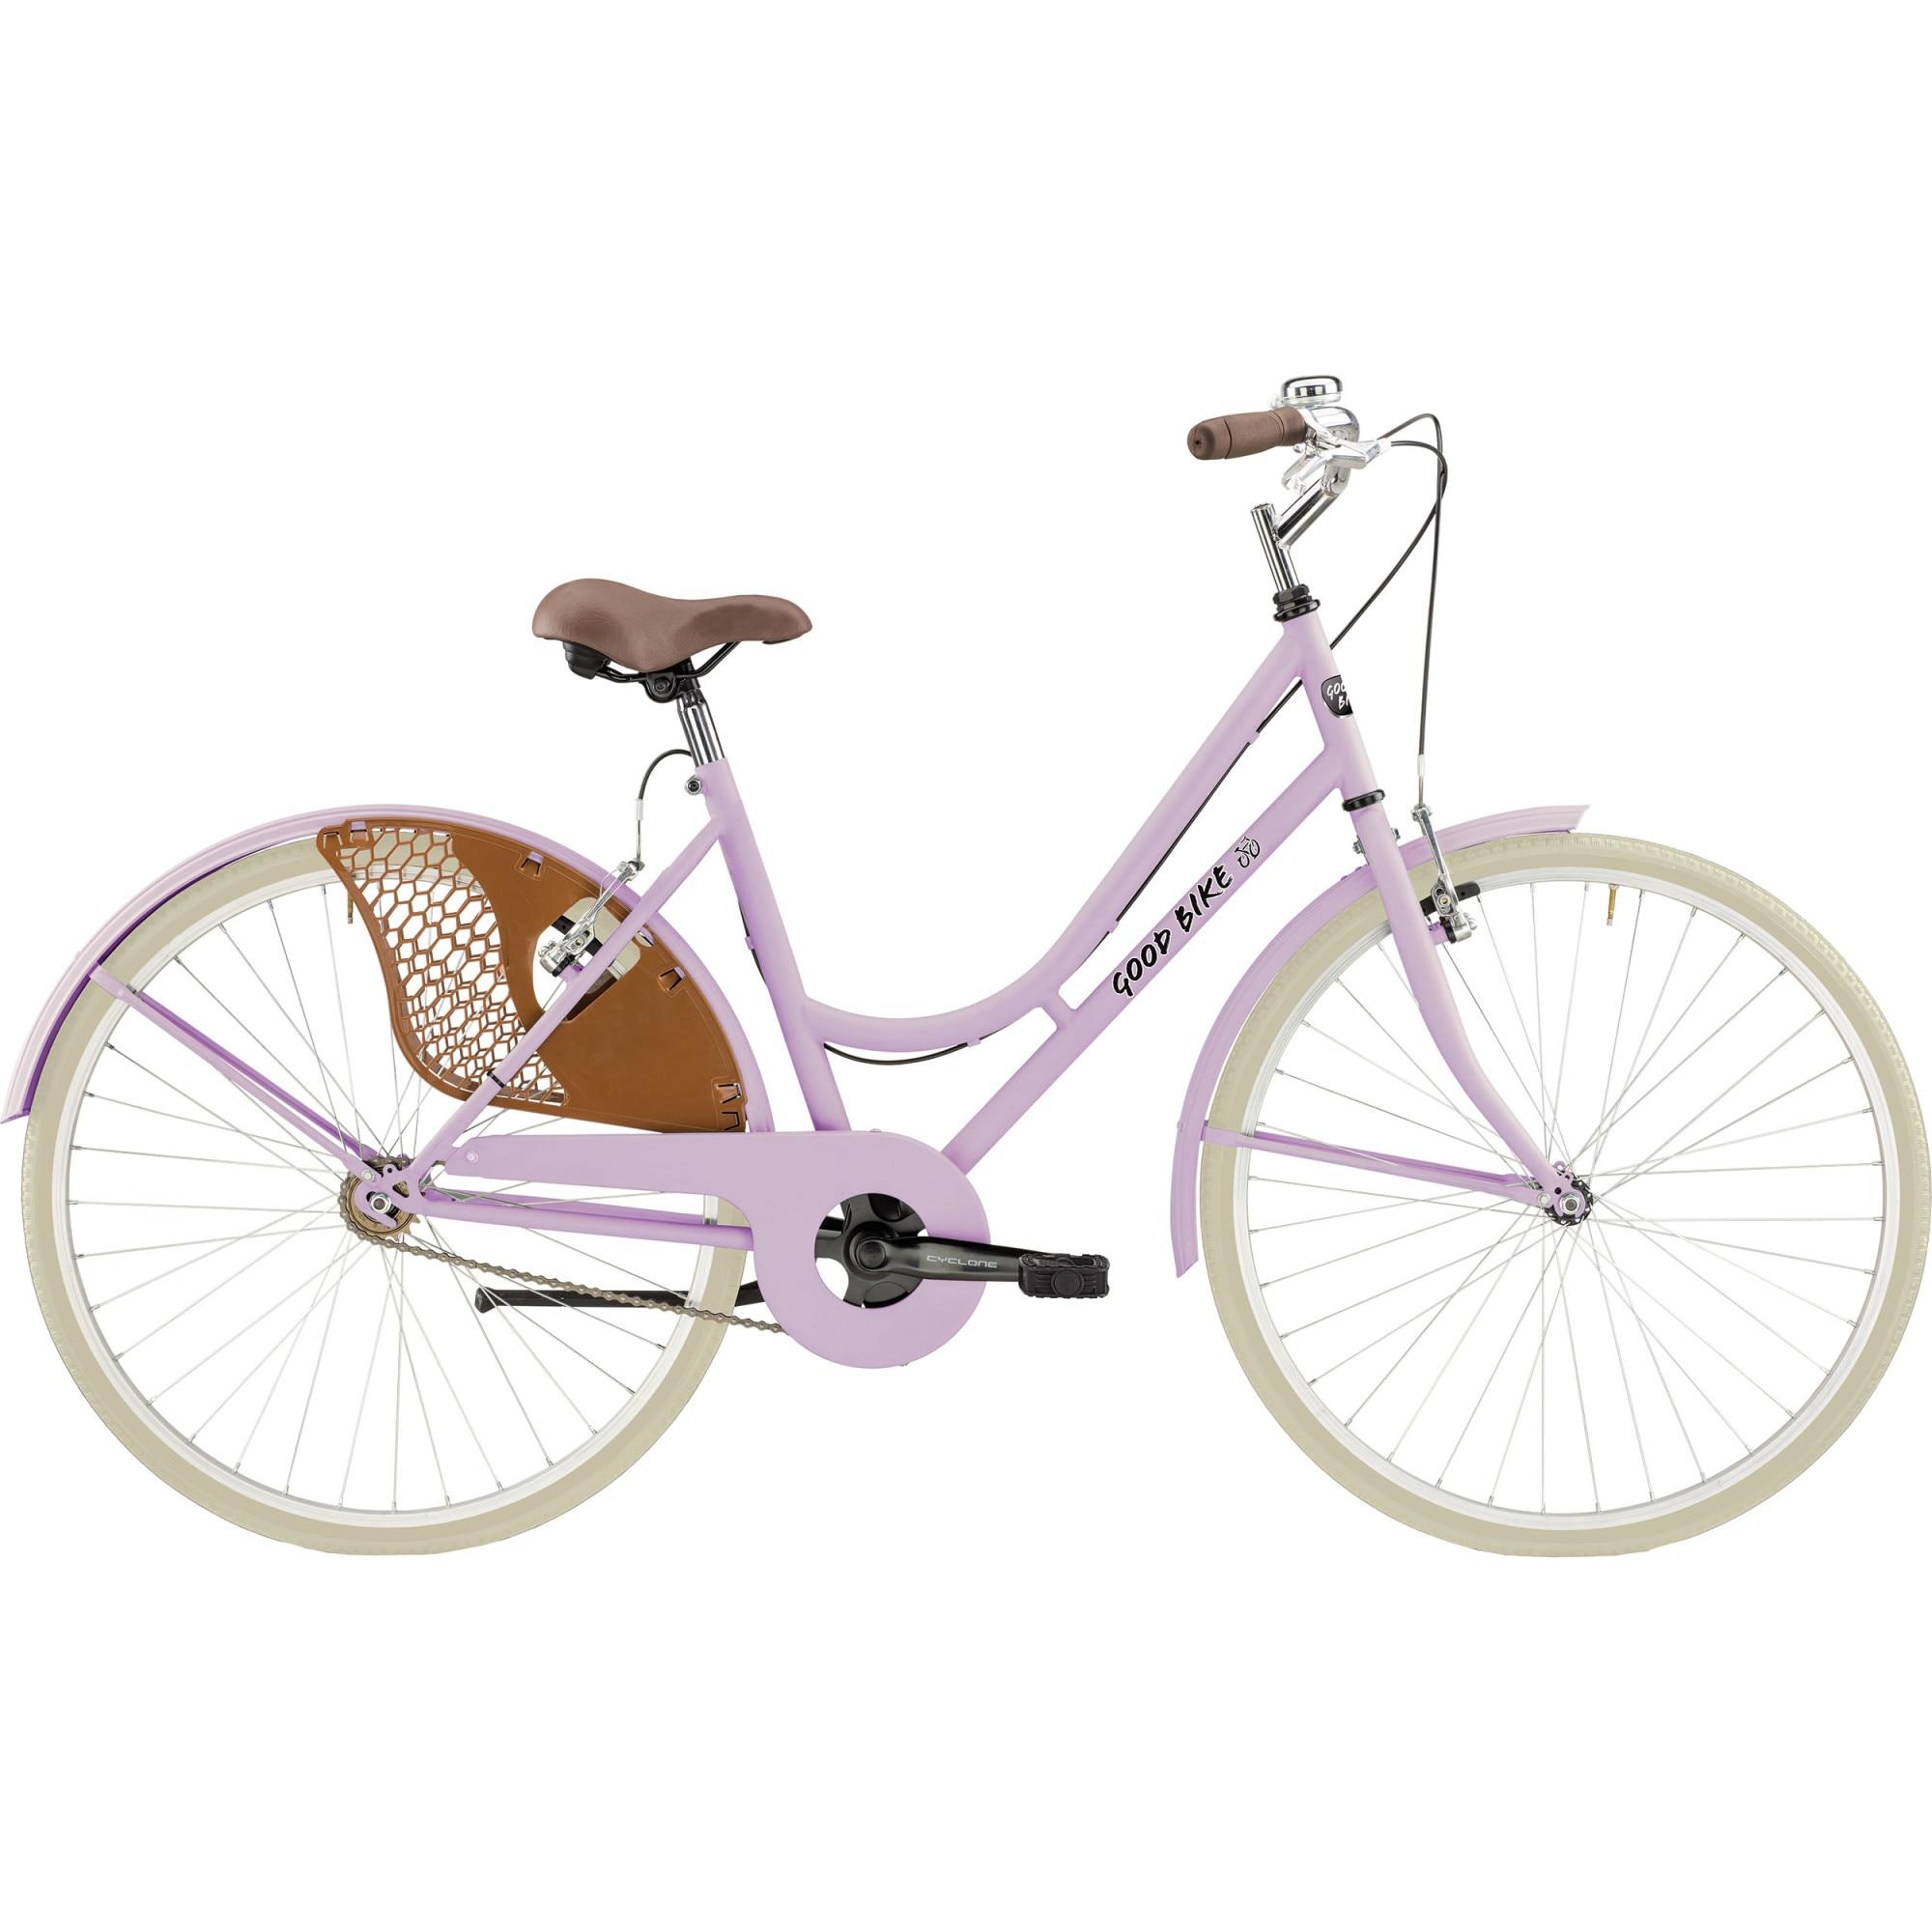 """Fotografie Bicicleta City 26"""" Esperia Vintage Donna 1V, Lilac"""